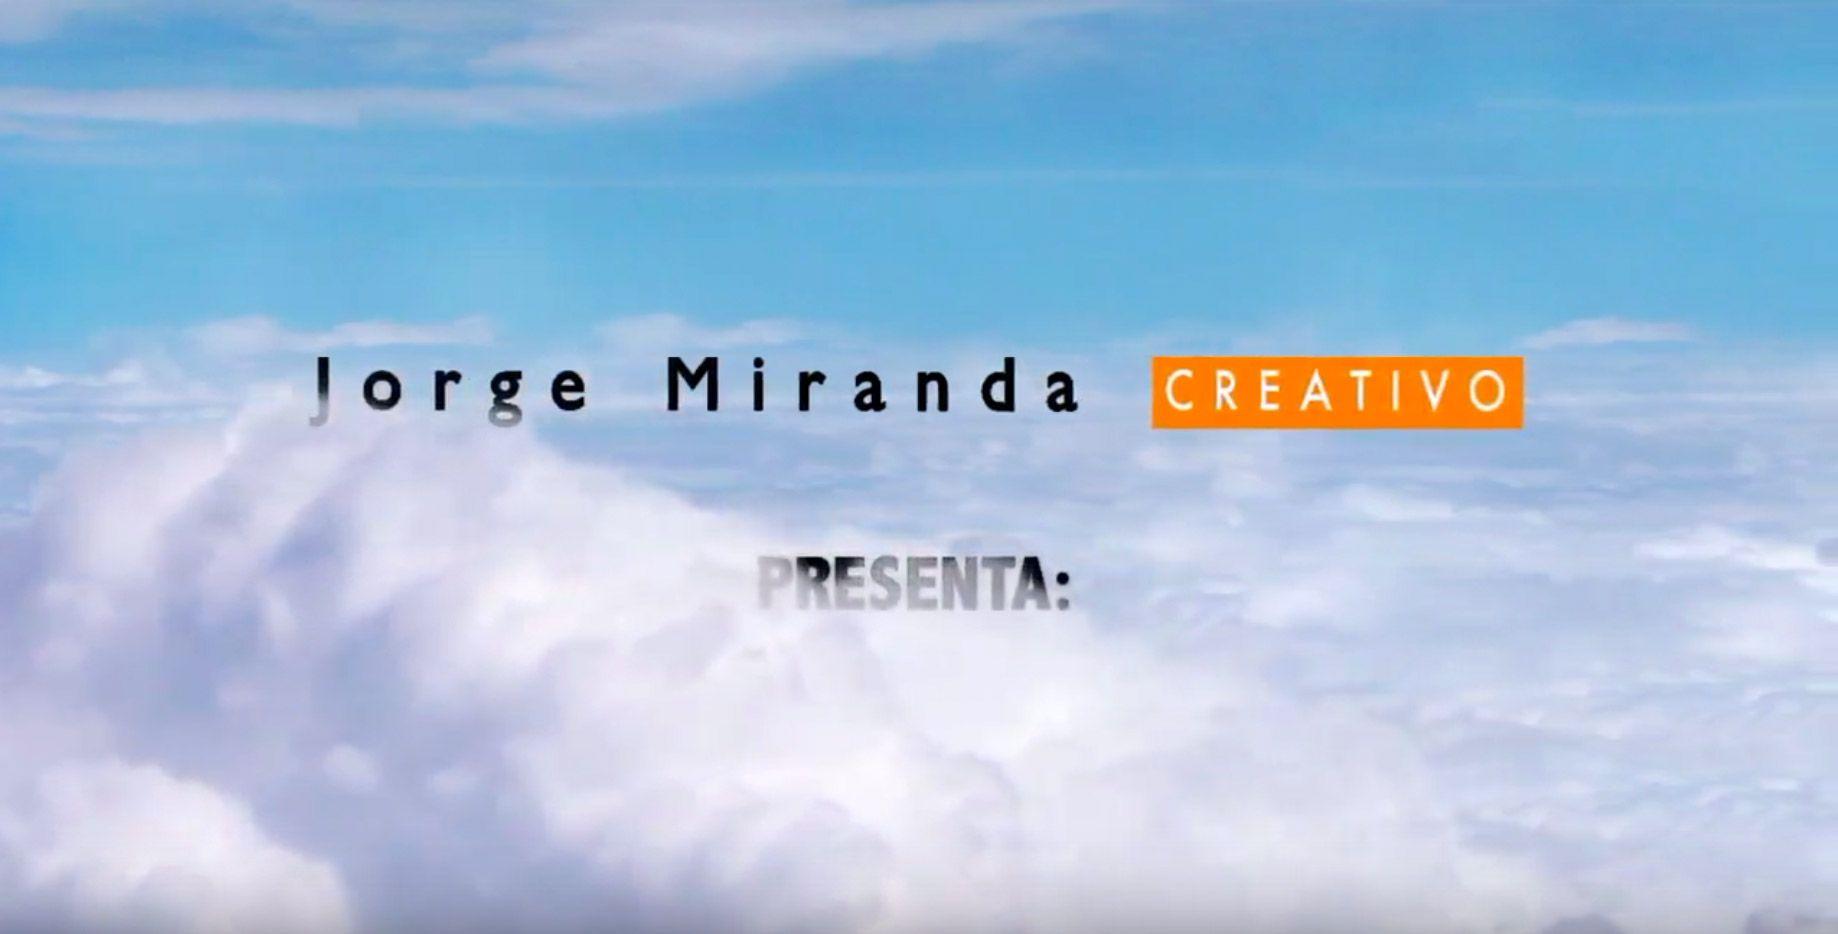 Cabecera de Canales de Video de Jorge Miranda CREATIVO, ´La Solución Global a su Presencia ONLINE´